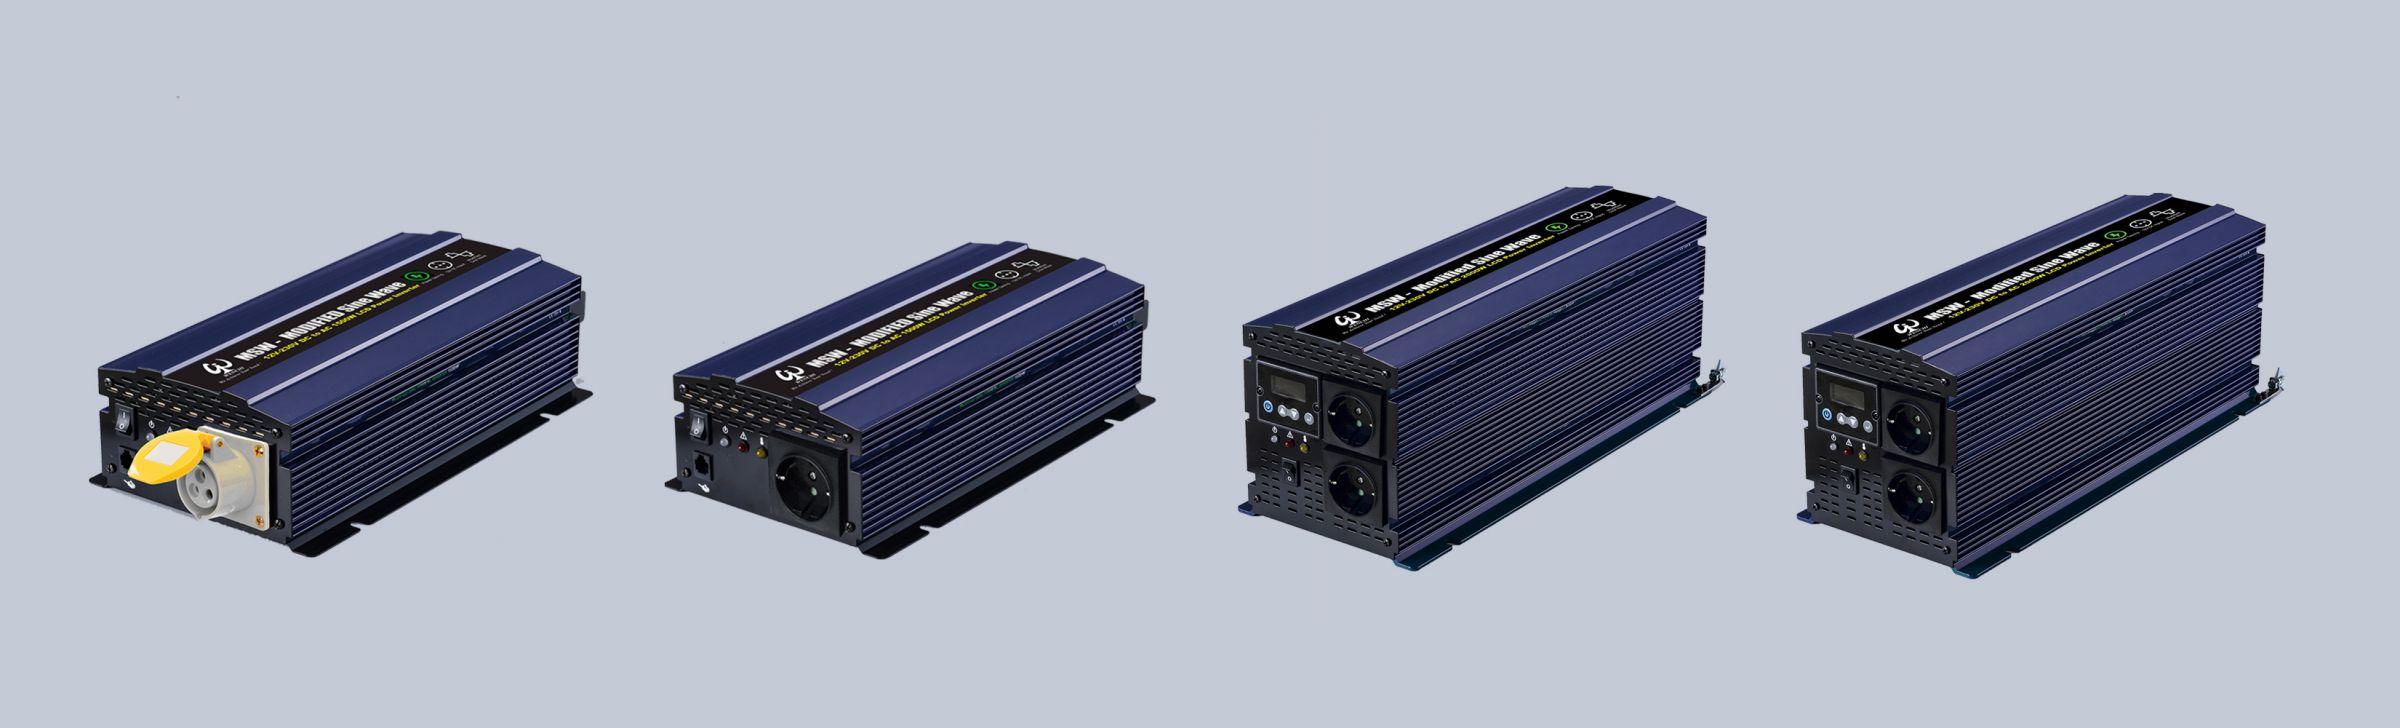 Neuer LCD-modifizierter Sinus-Wechselrichter